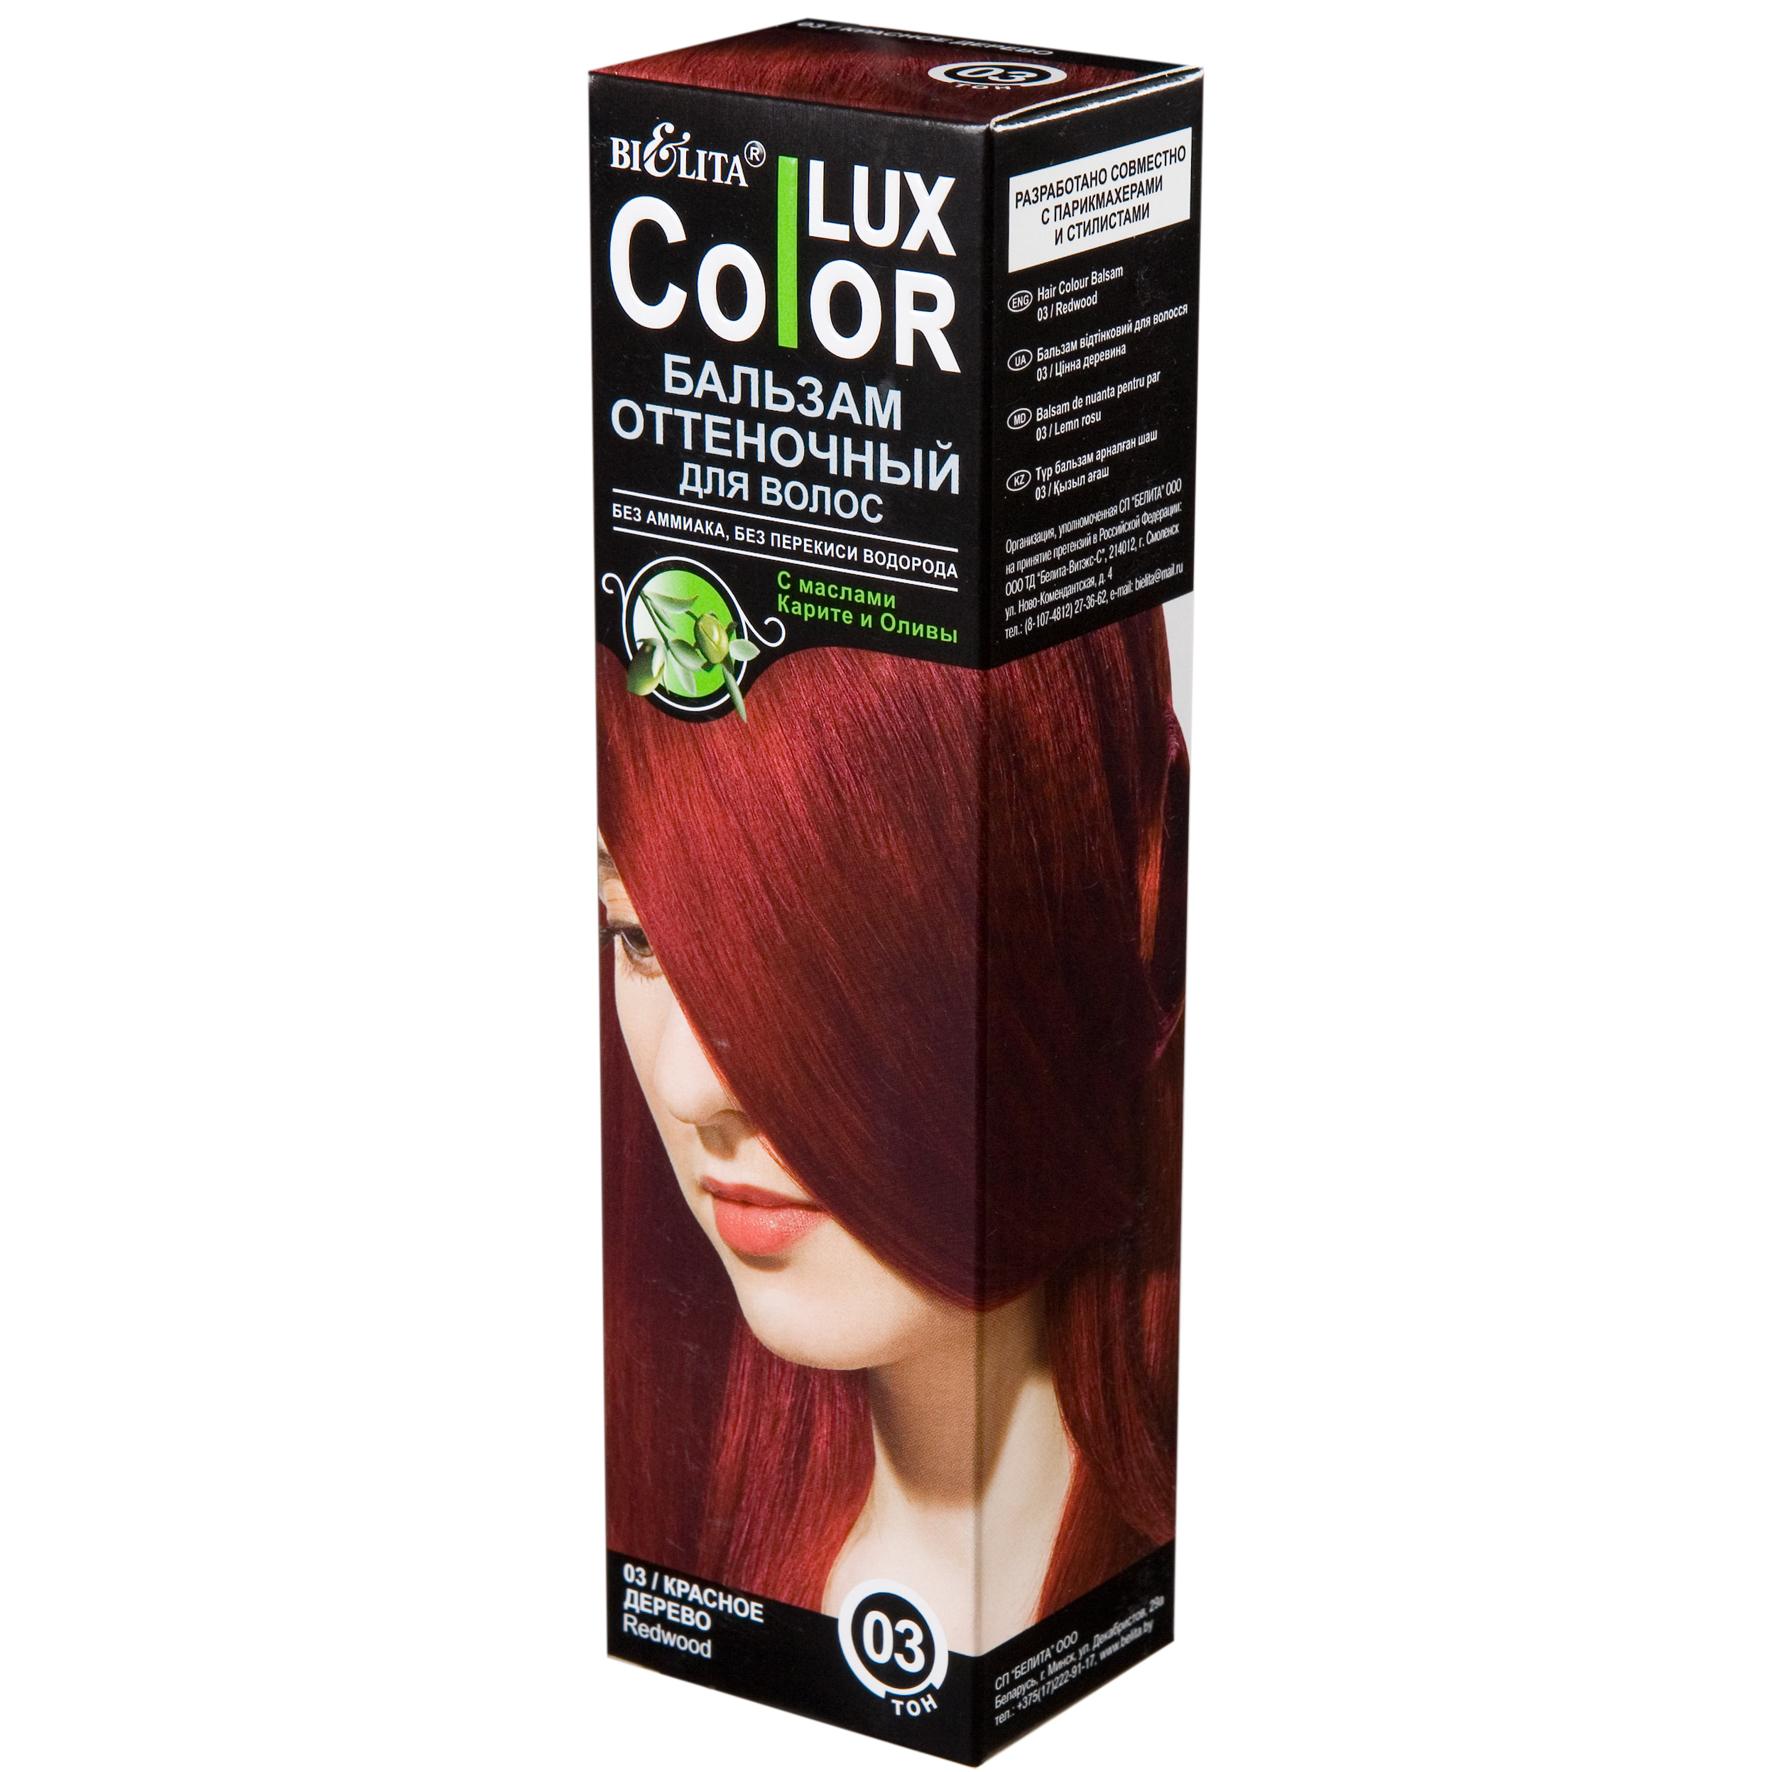 Lux косметика купить купить косметику sp